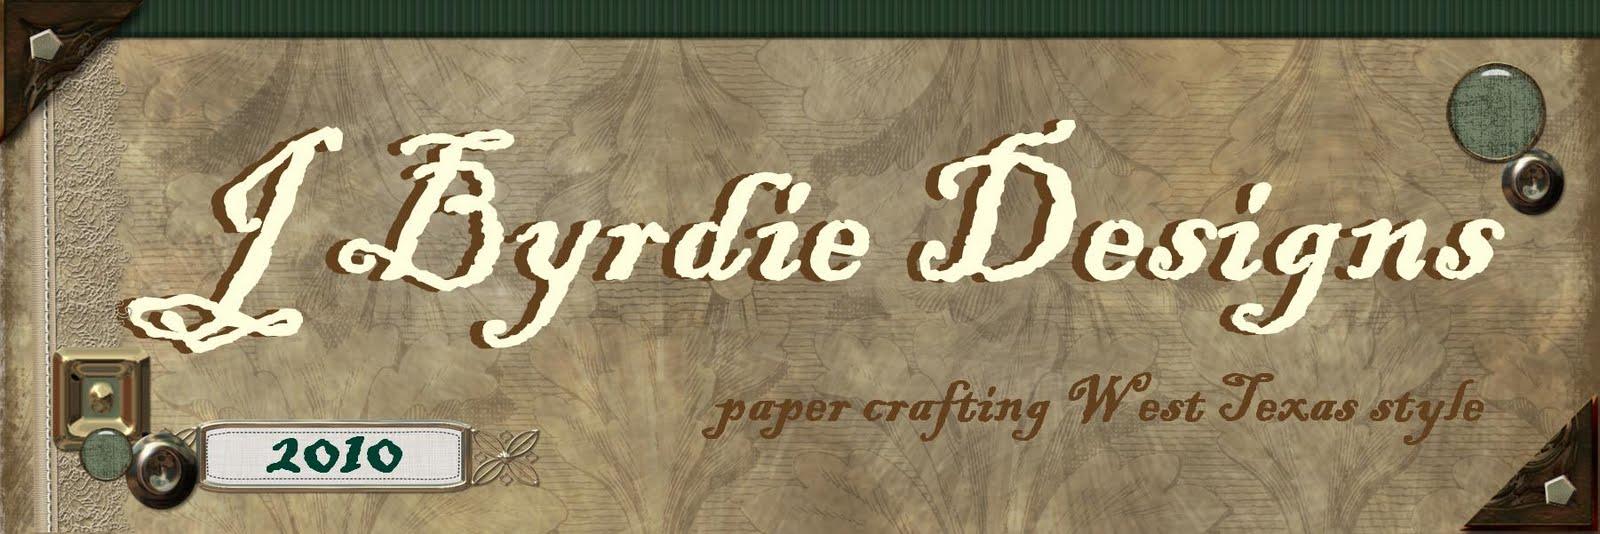 J Byrdie Designs